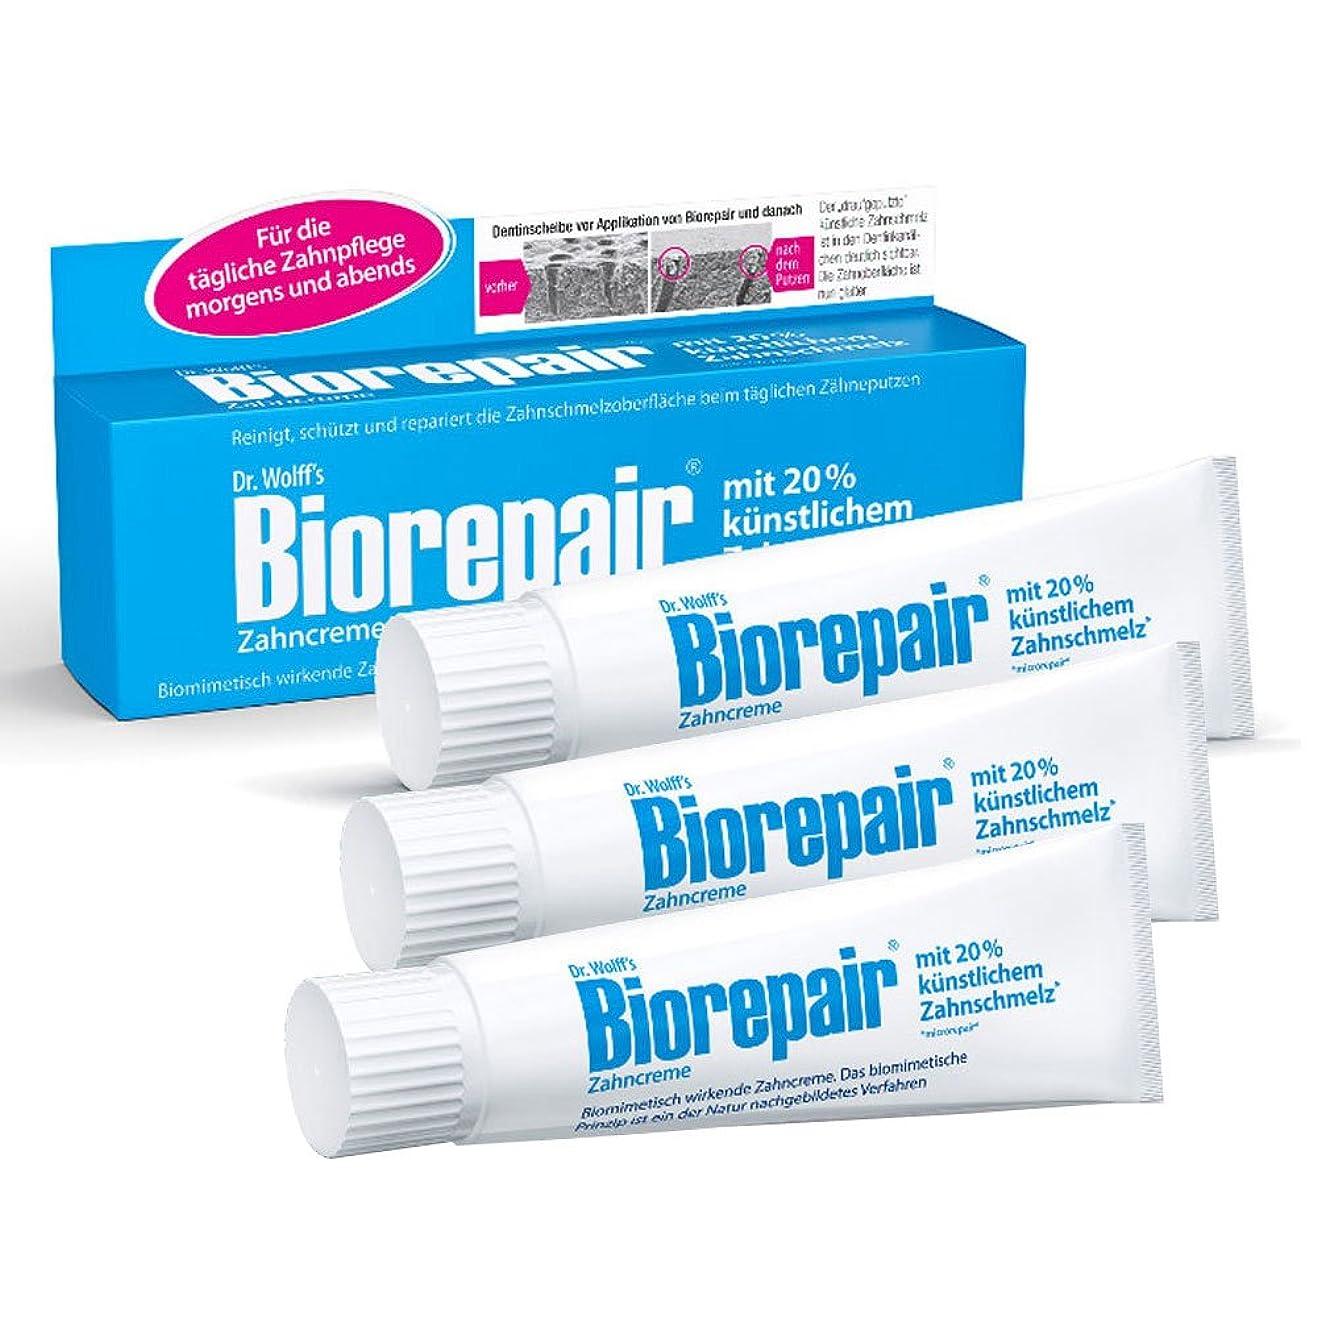 普通に注目すべき疑問に思うBiorepair 歯磨き粉オリジナル、75ml 歯の保護 耐摩耗性 x 3 [並行輸入品]